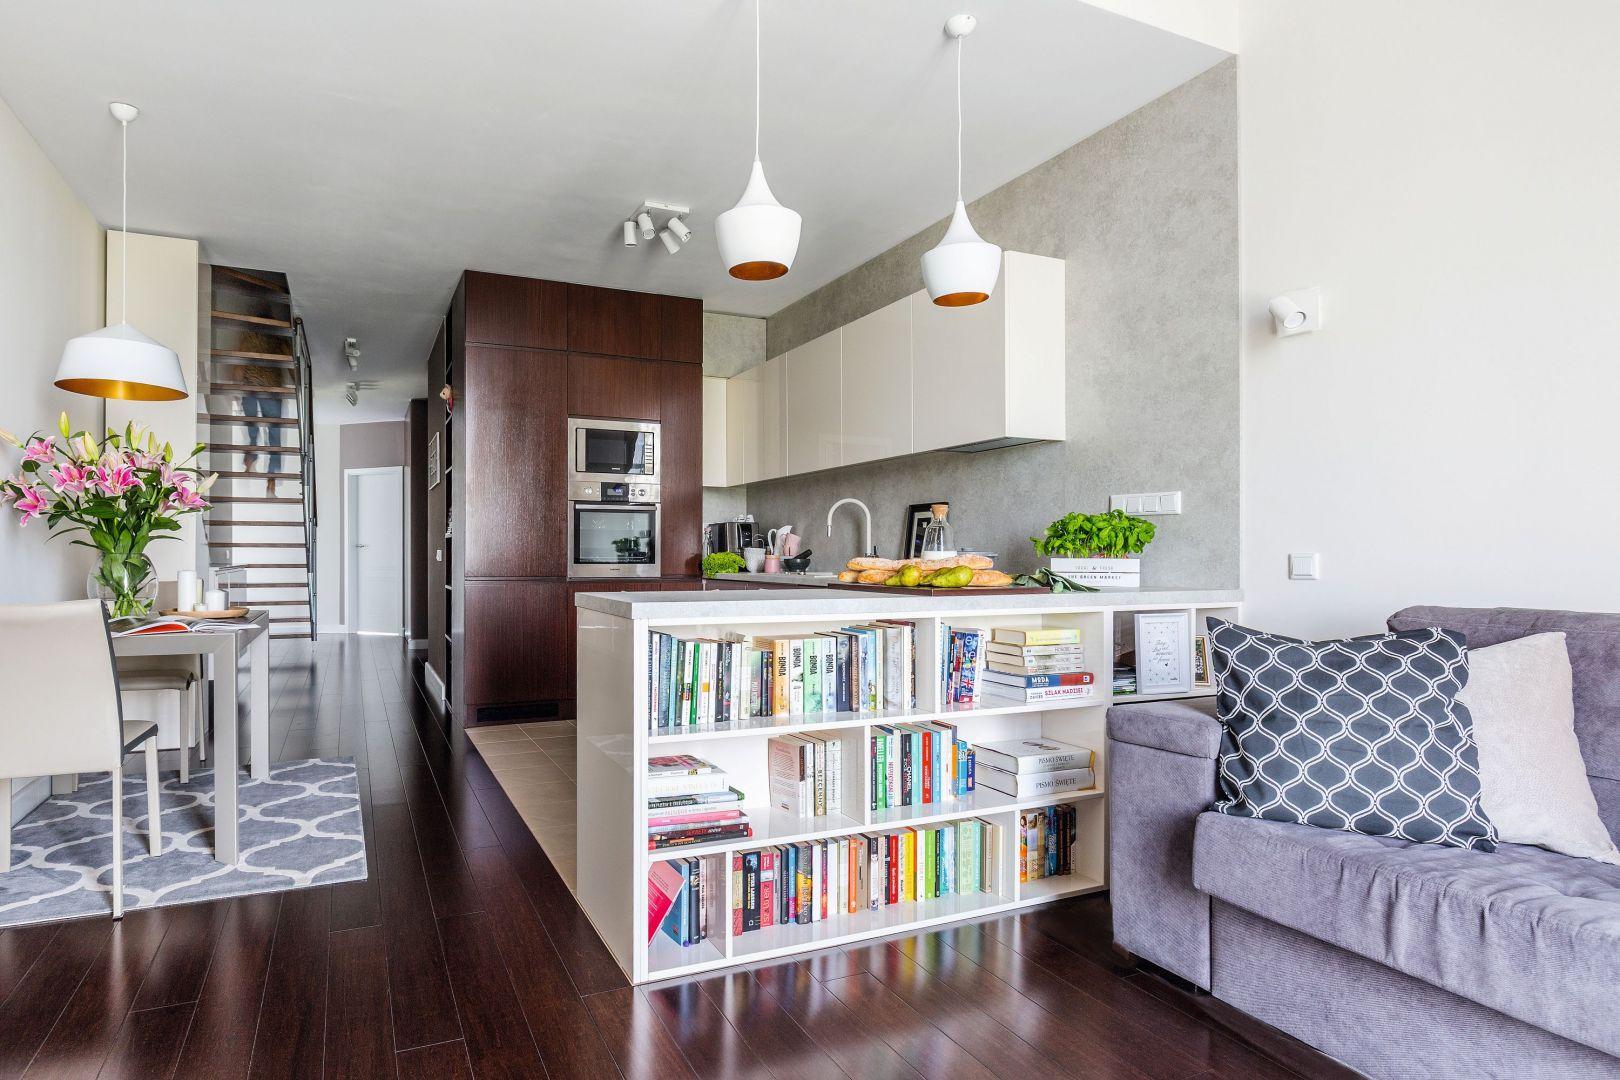 Nawet bardzo małe pomieszczenie kuchenne może wyglądać efektownie, jeżeli dobrze ją urządzimy. Projekt Decoroom. Fot. Pion Poziom